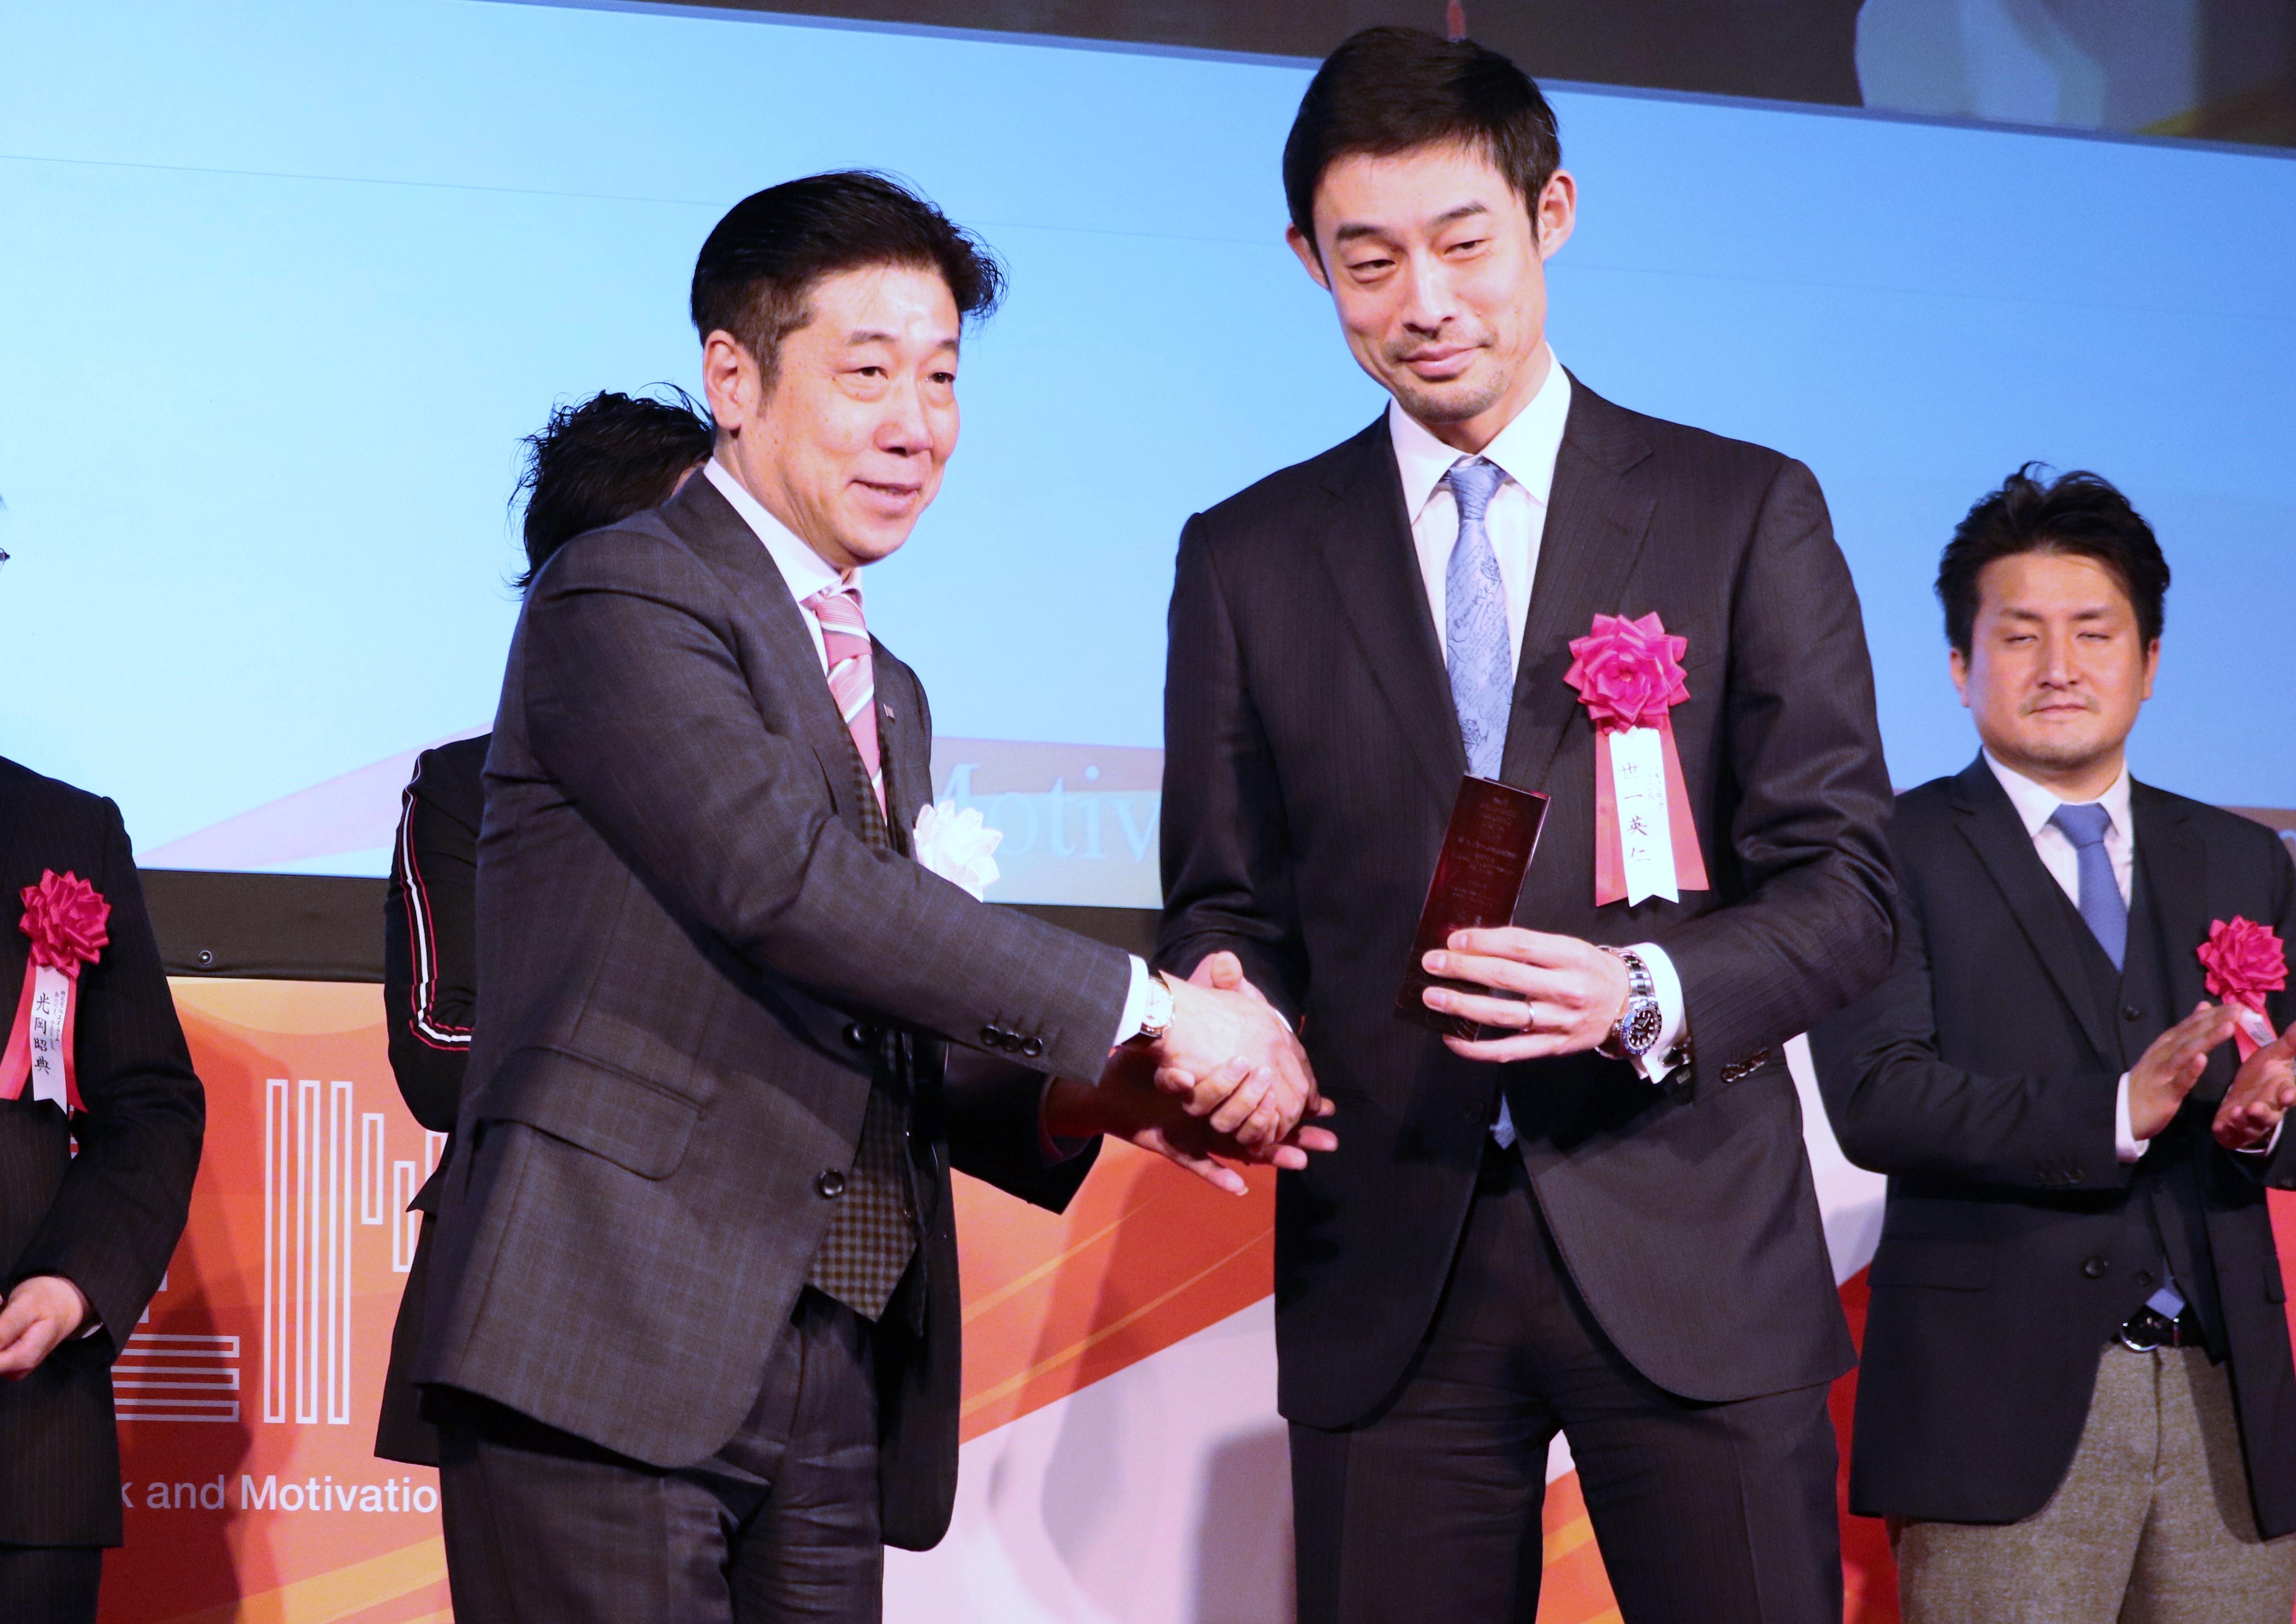 株式会社リンクアンドモチベーション代表取締役会長、小笹さん(左)とキュービックの代表・世一(右)